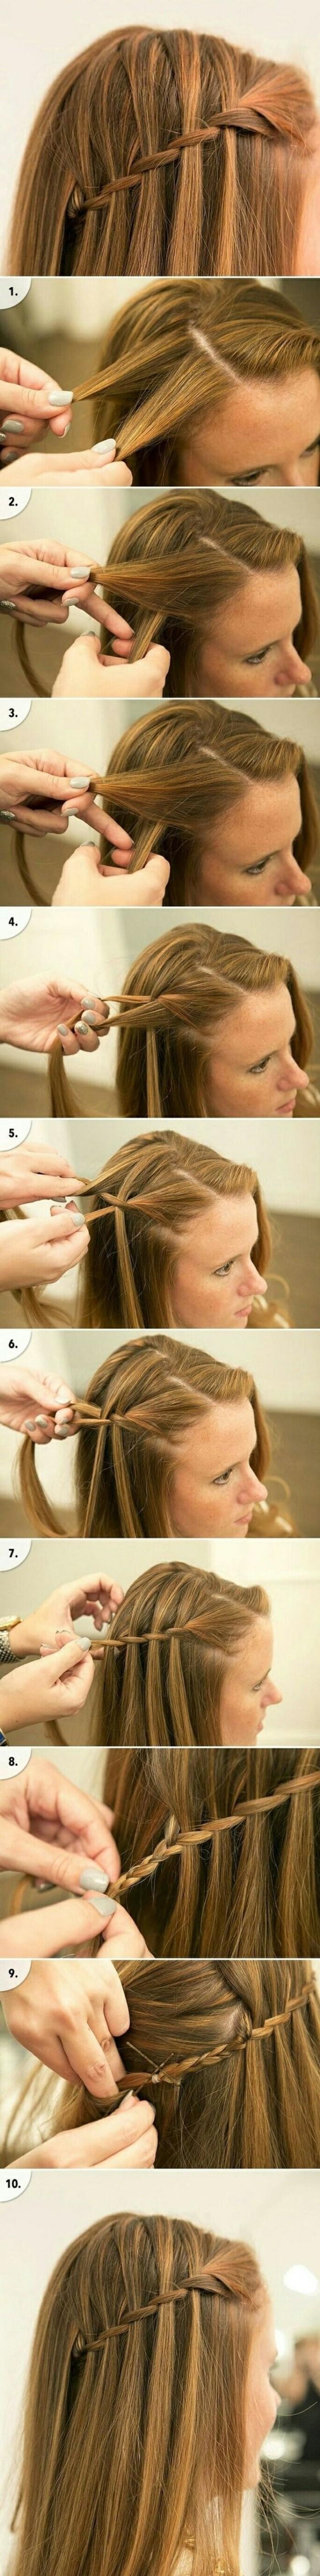 Acconciature semplici capelli medi, capelli di colore biondo, tutorial per fare le trecce